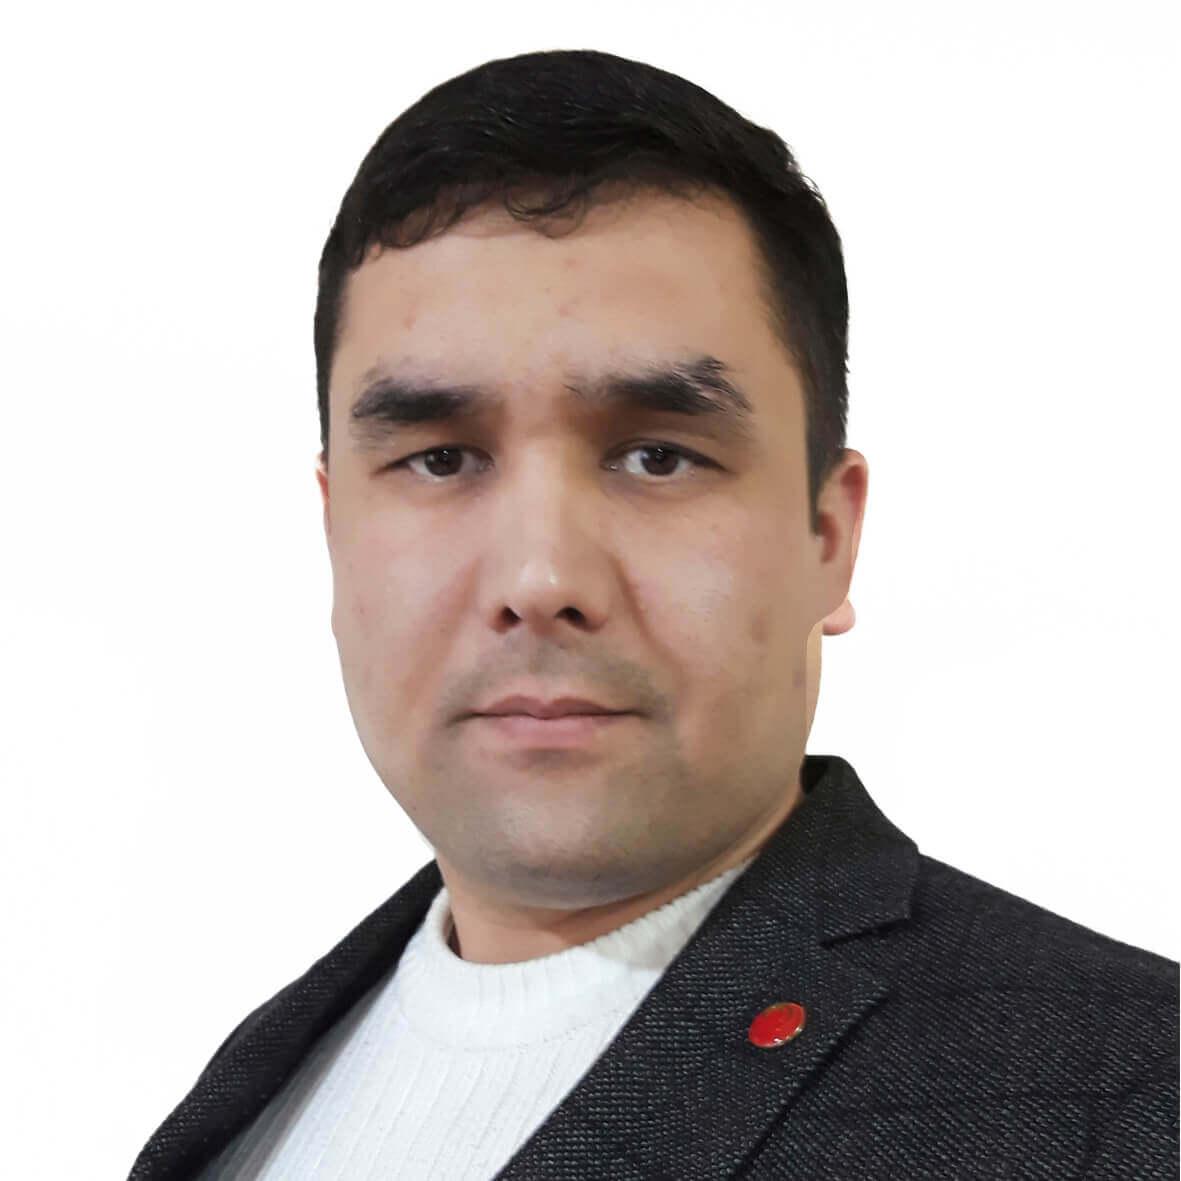 Муршаев Эльдор